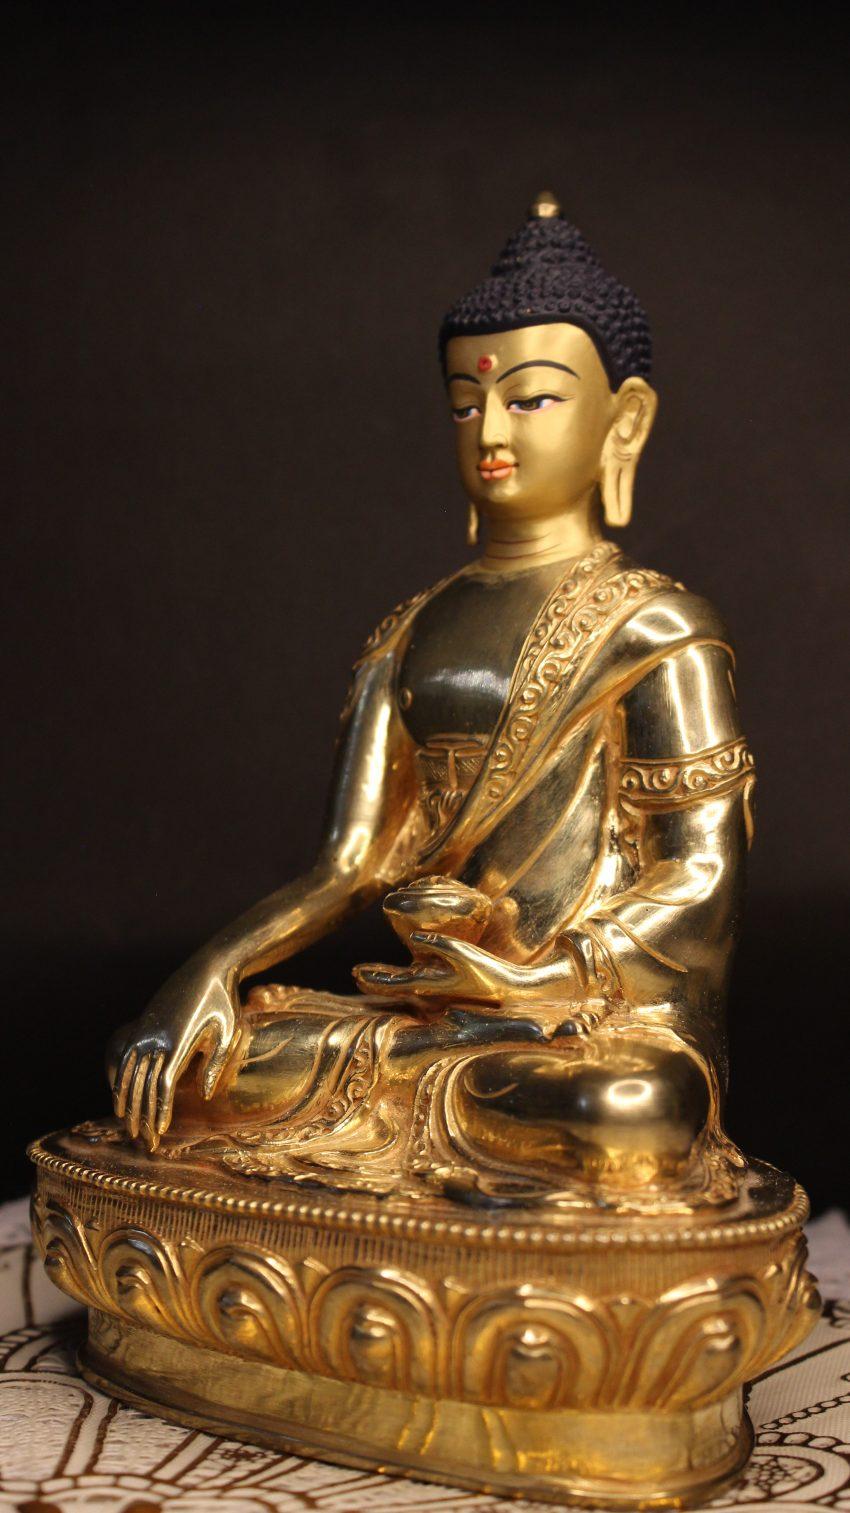 Shakyamuni Buddha Golden